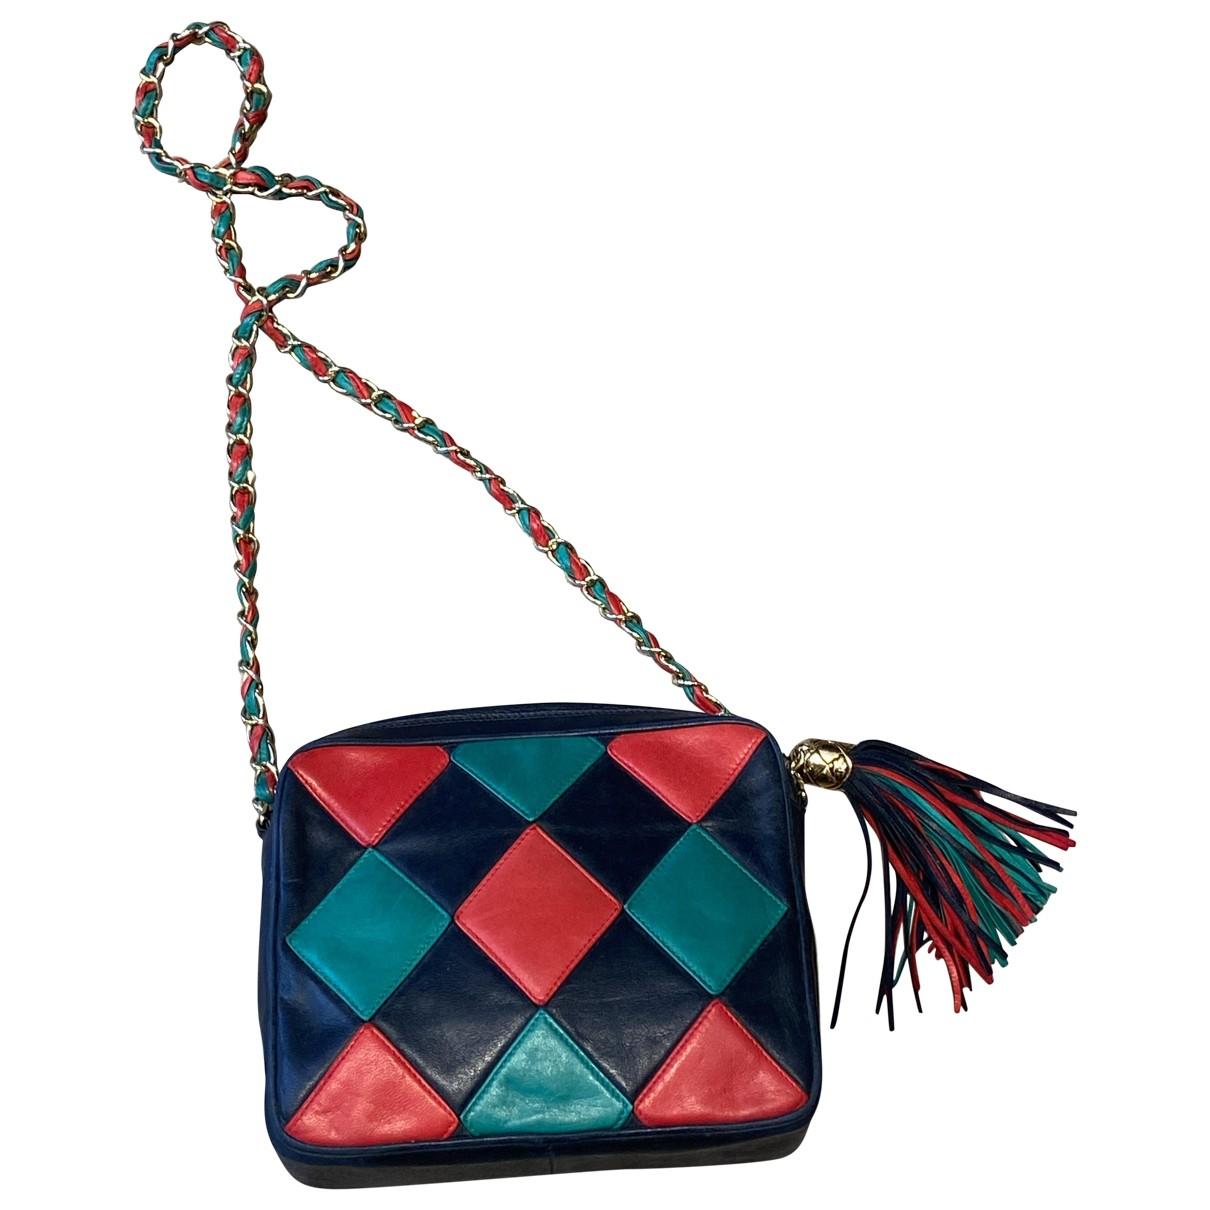 Chanel - Sac a main   pour femme en cuir - multicolore